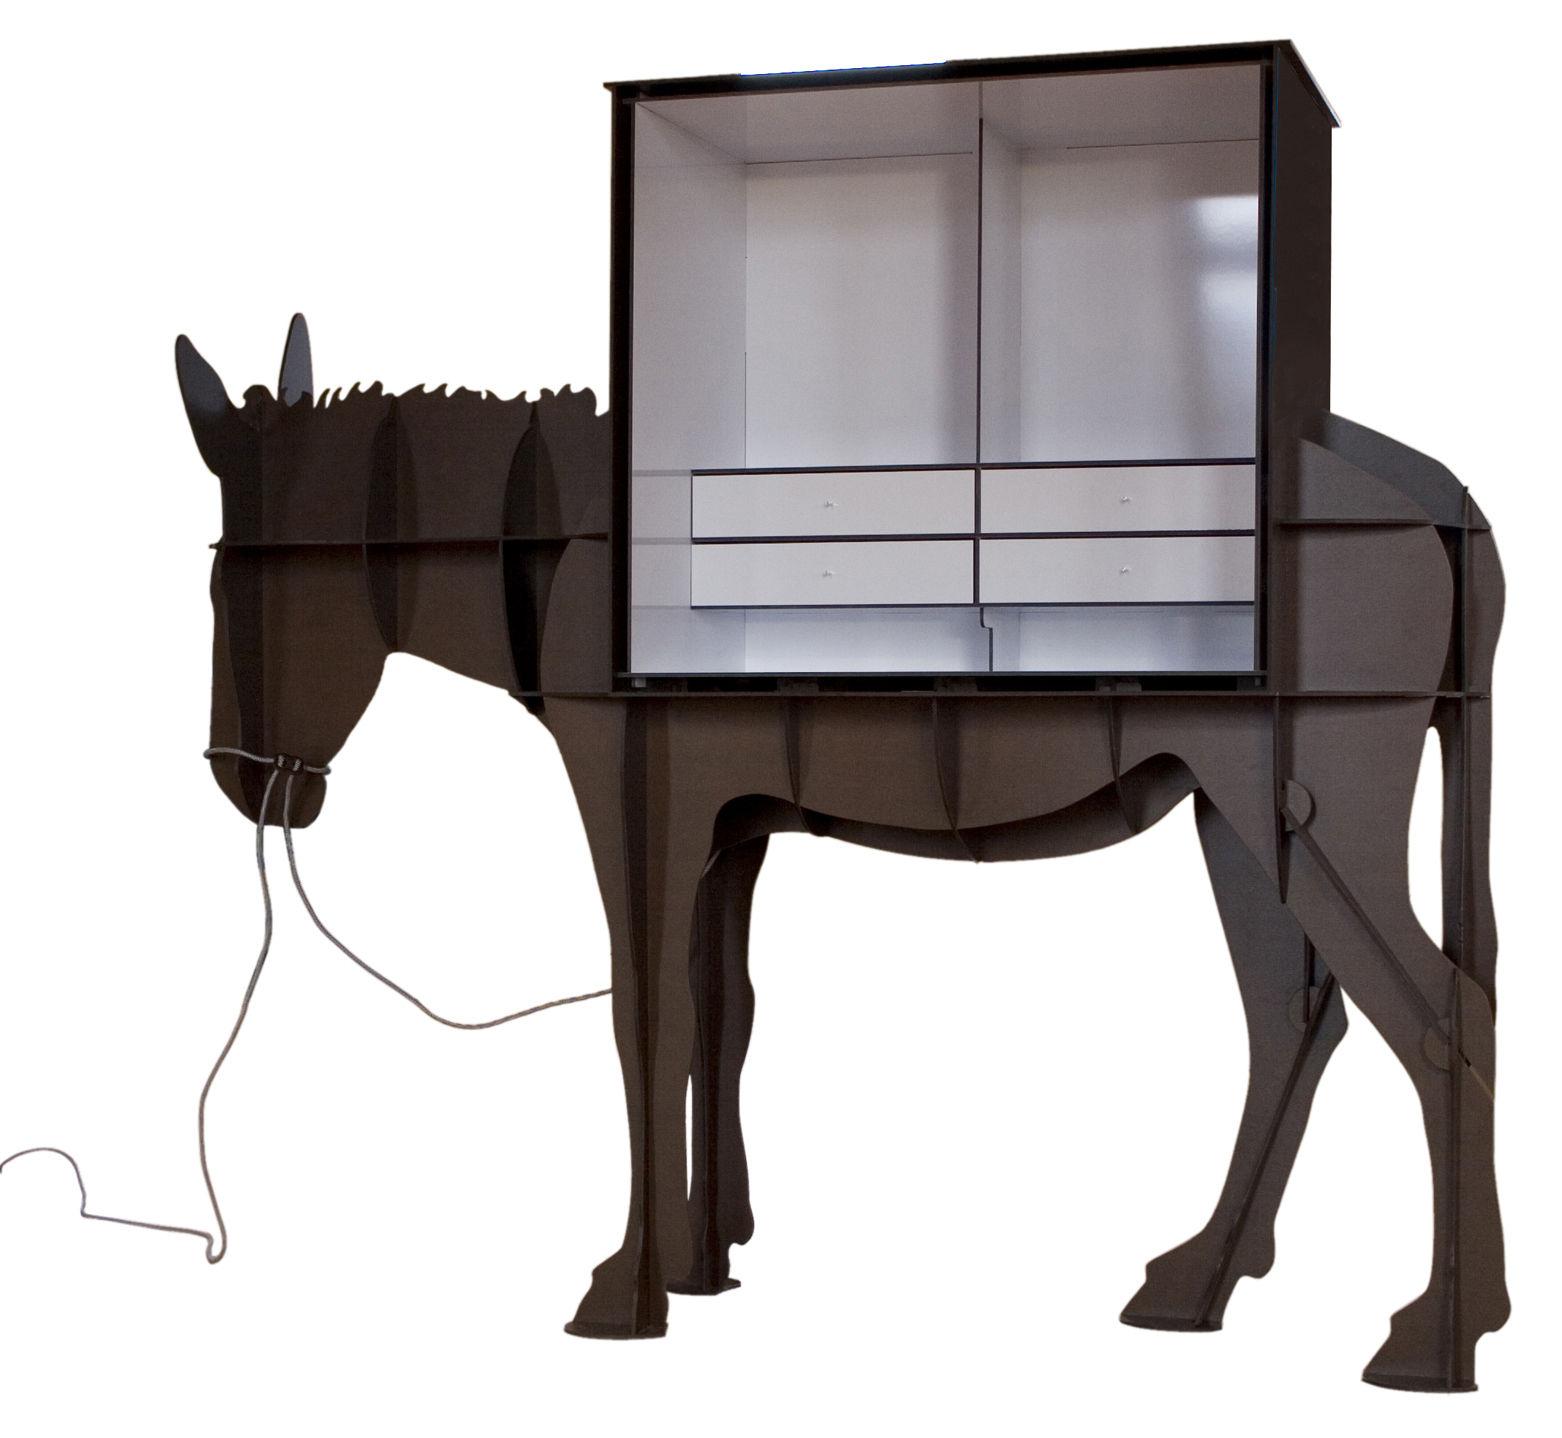 martin schreibtisch computer m bel braun by ibride made in design. Black Bedroom Furniture Sets. Home Design Ideas